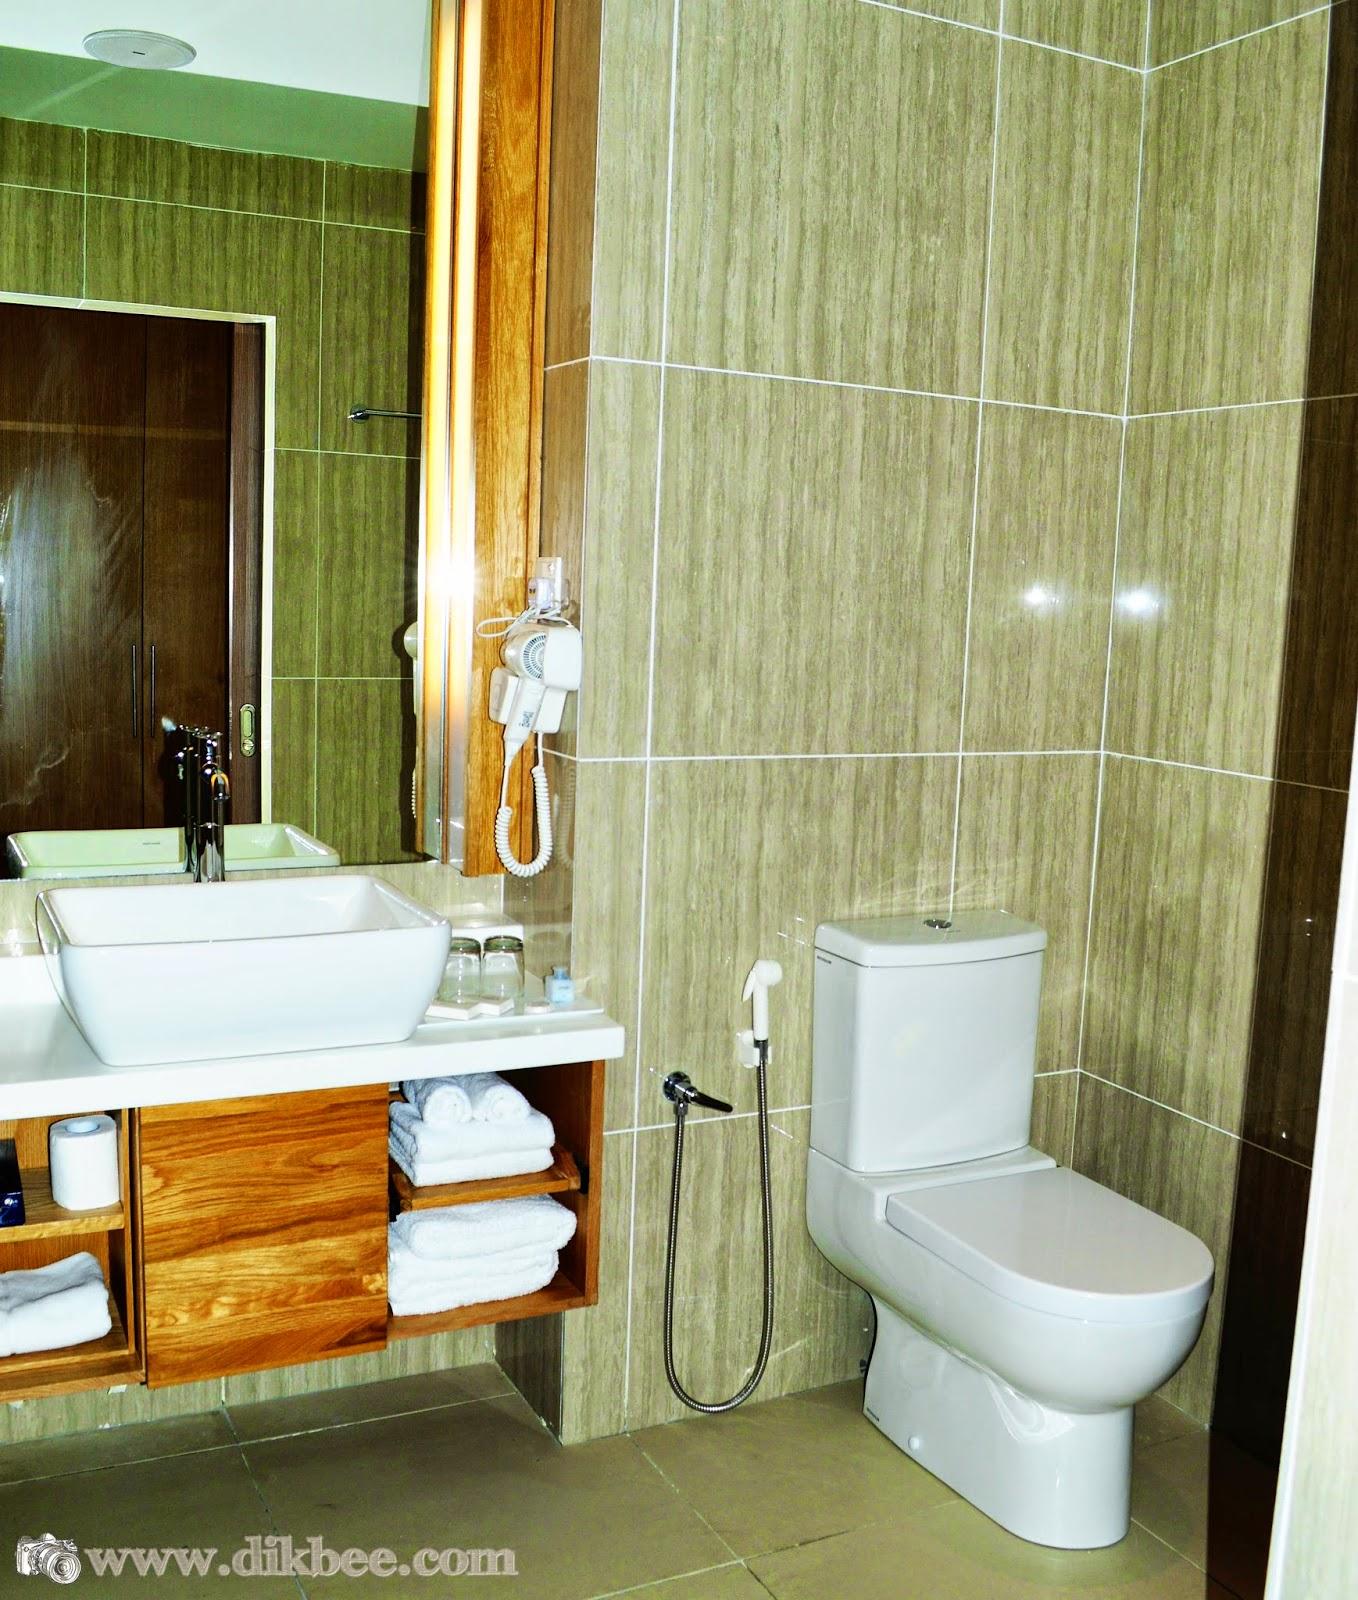 Bilik Air Dalam Bilik Hotel Casuarina @ Meru